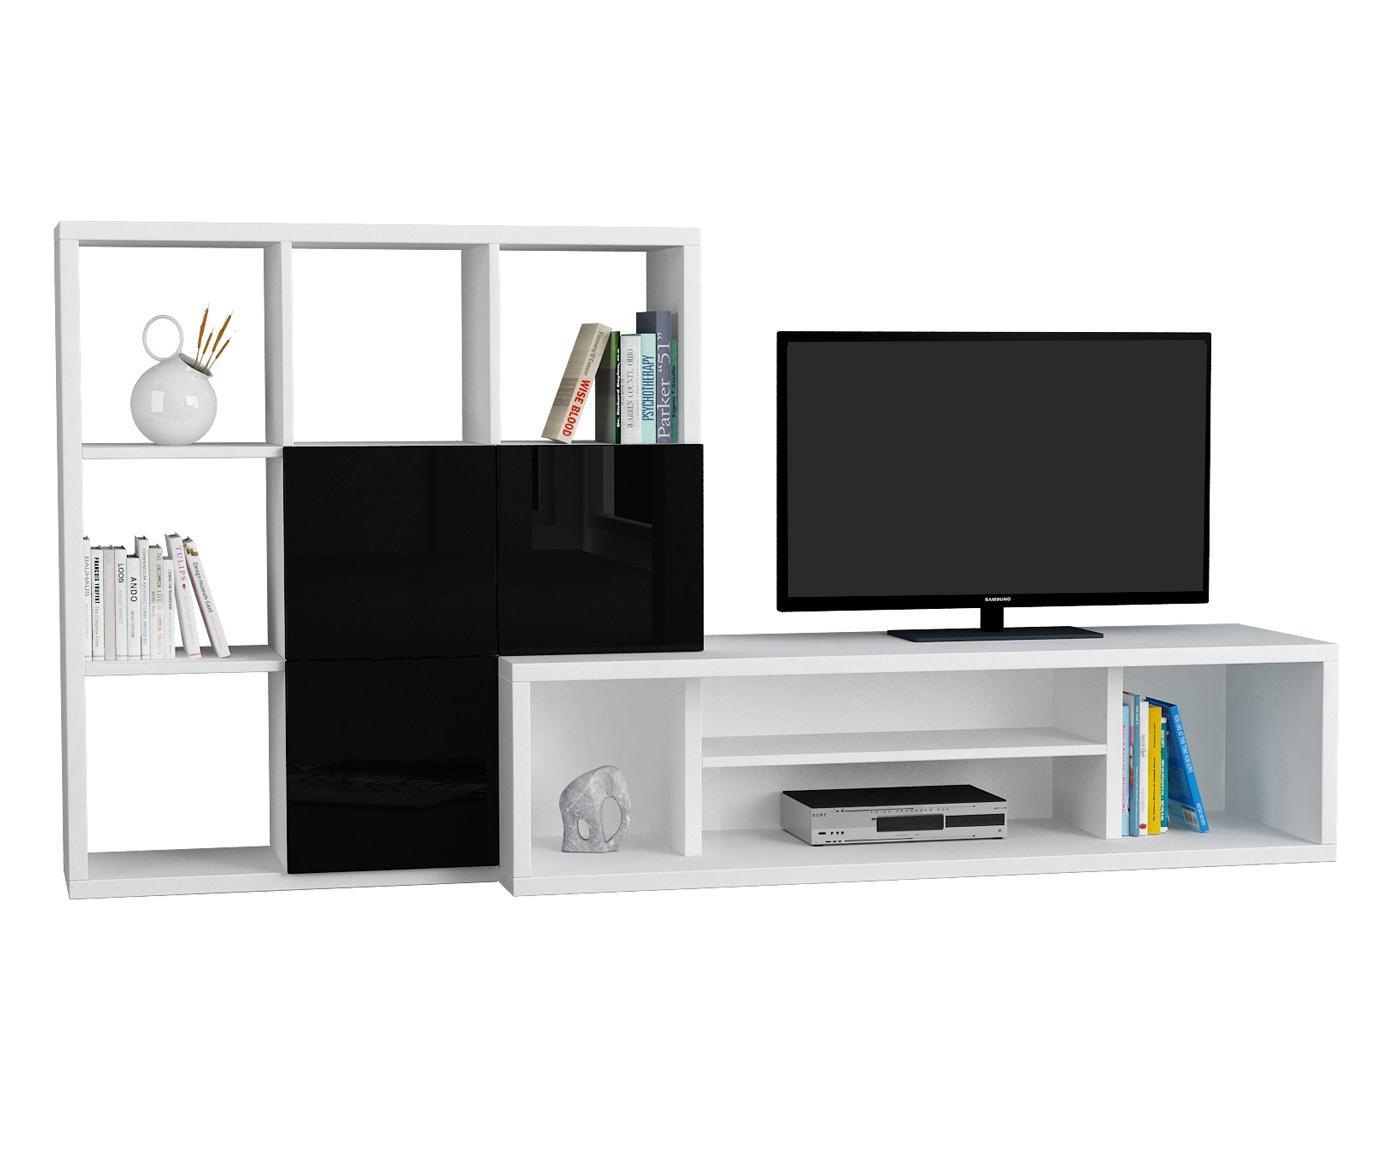 Mobile vetrina a giorno libreria legno massello prezzo e - Libreria mobile tv ...